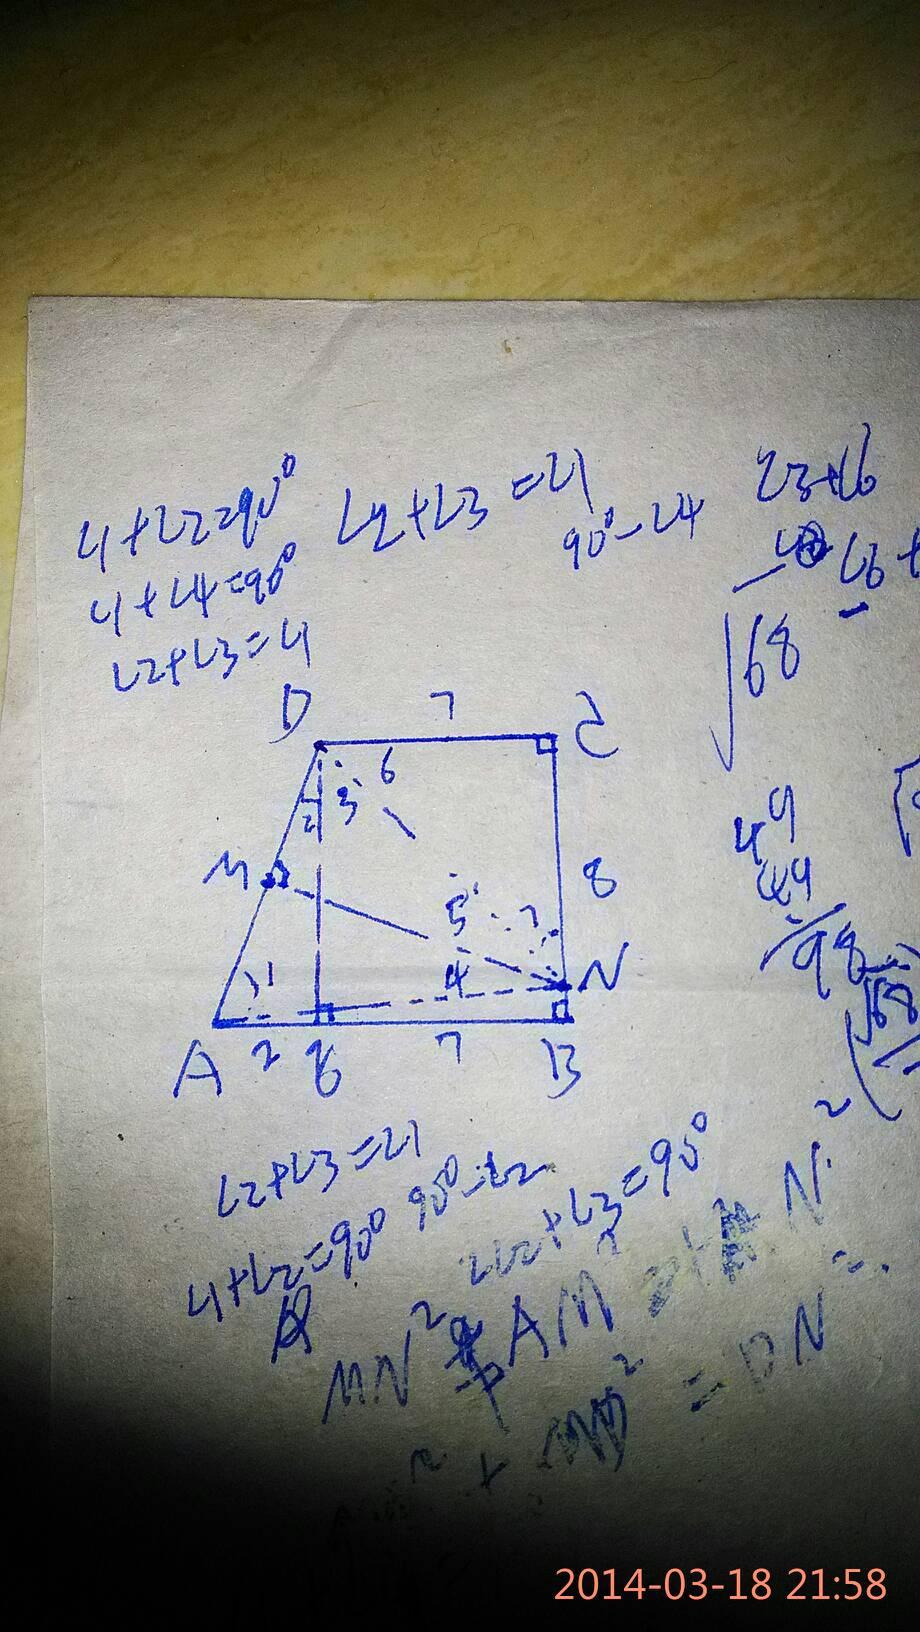 角ac=角adc=120°